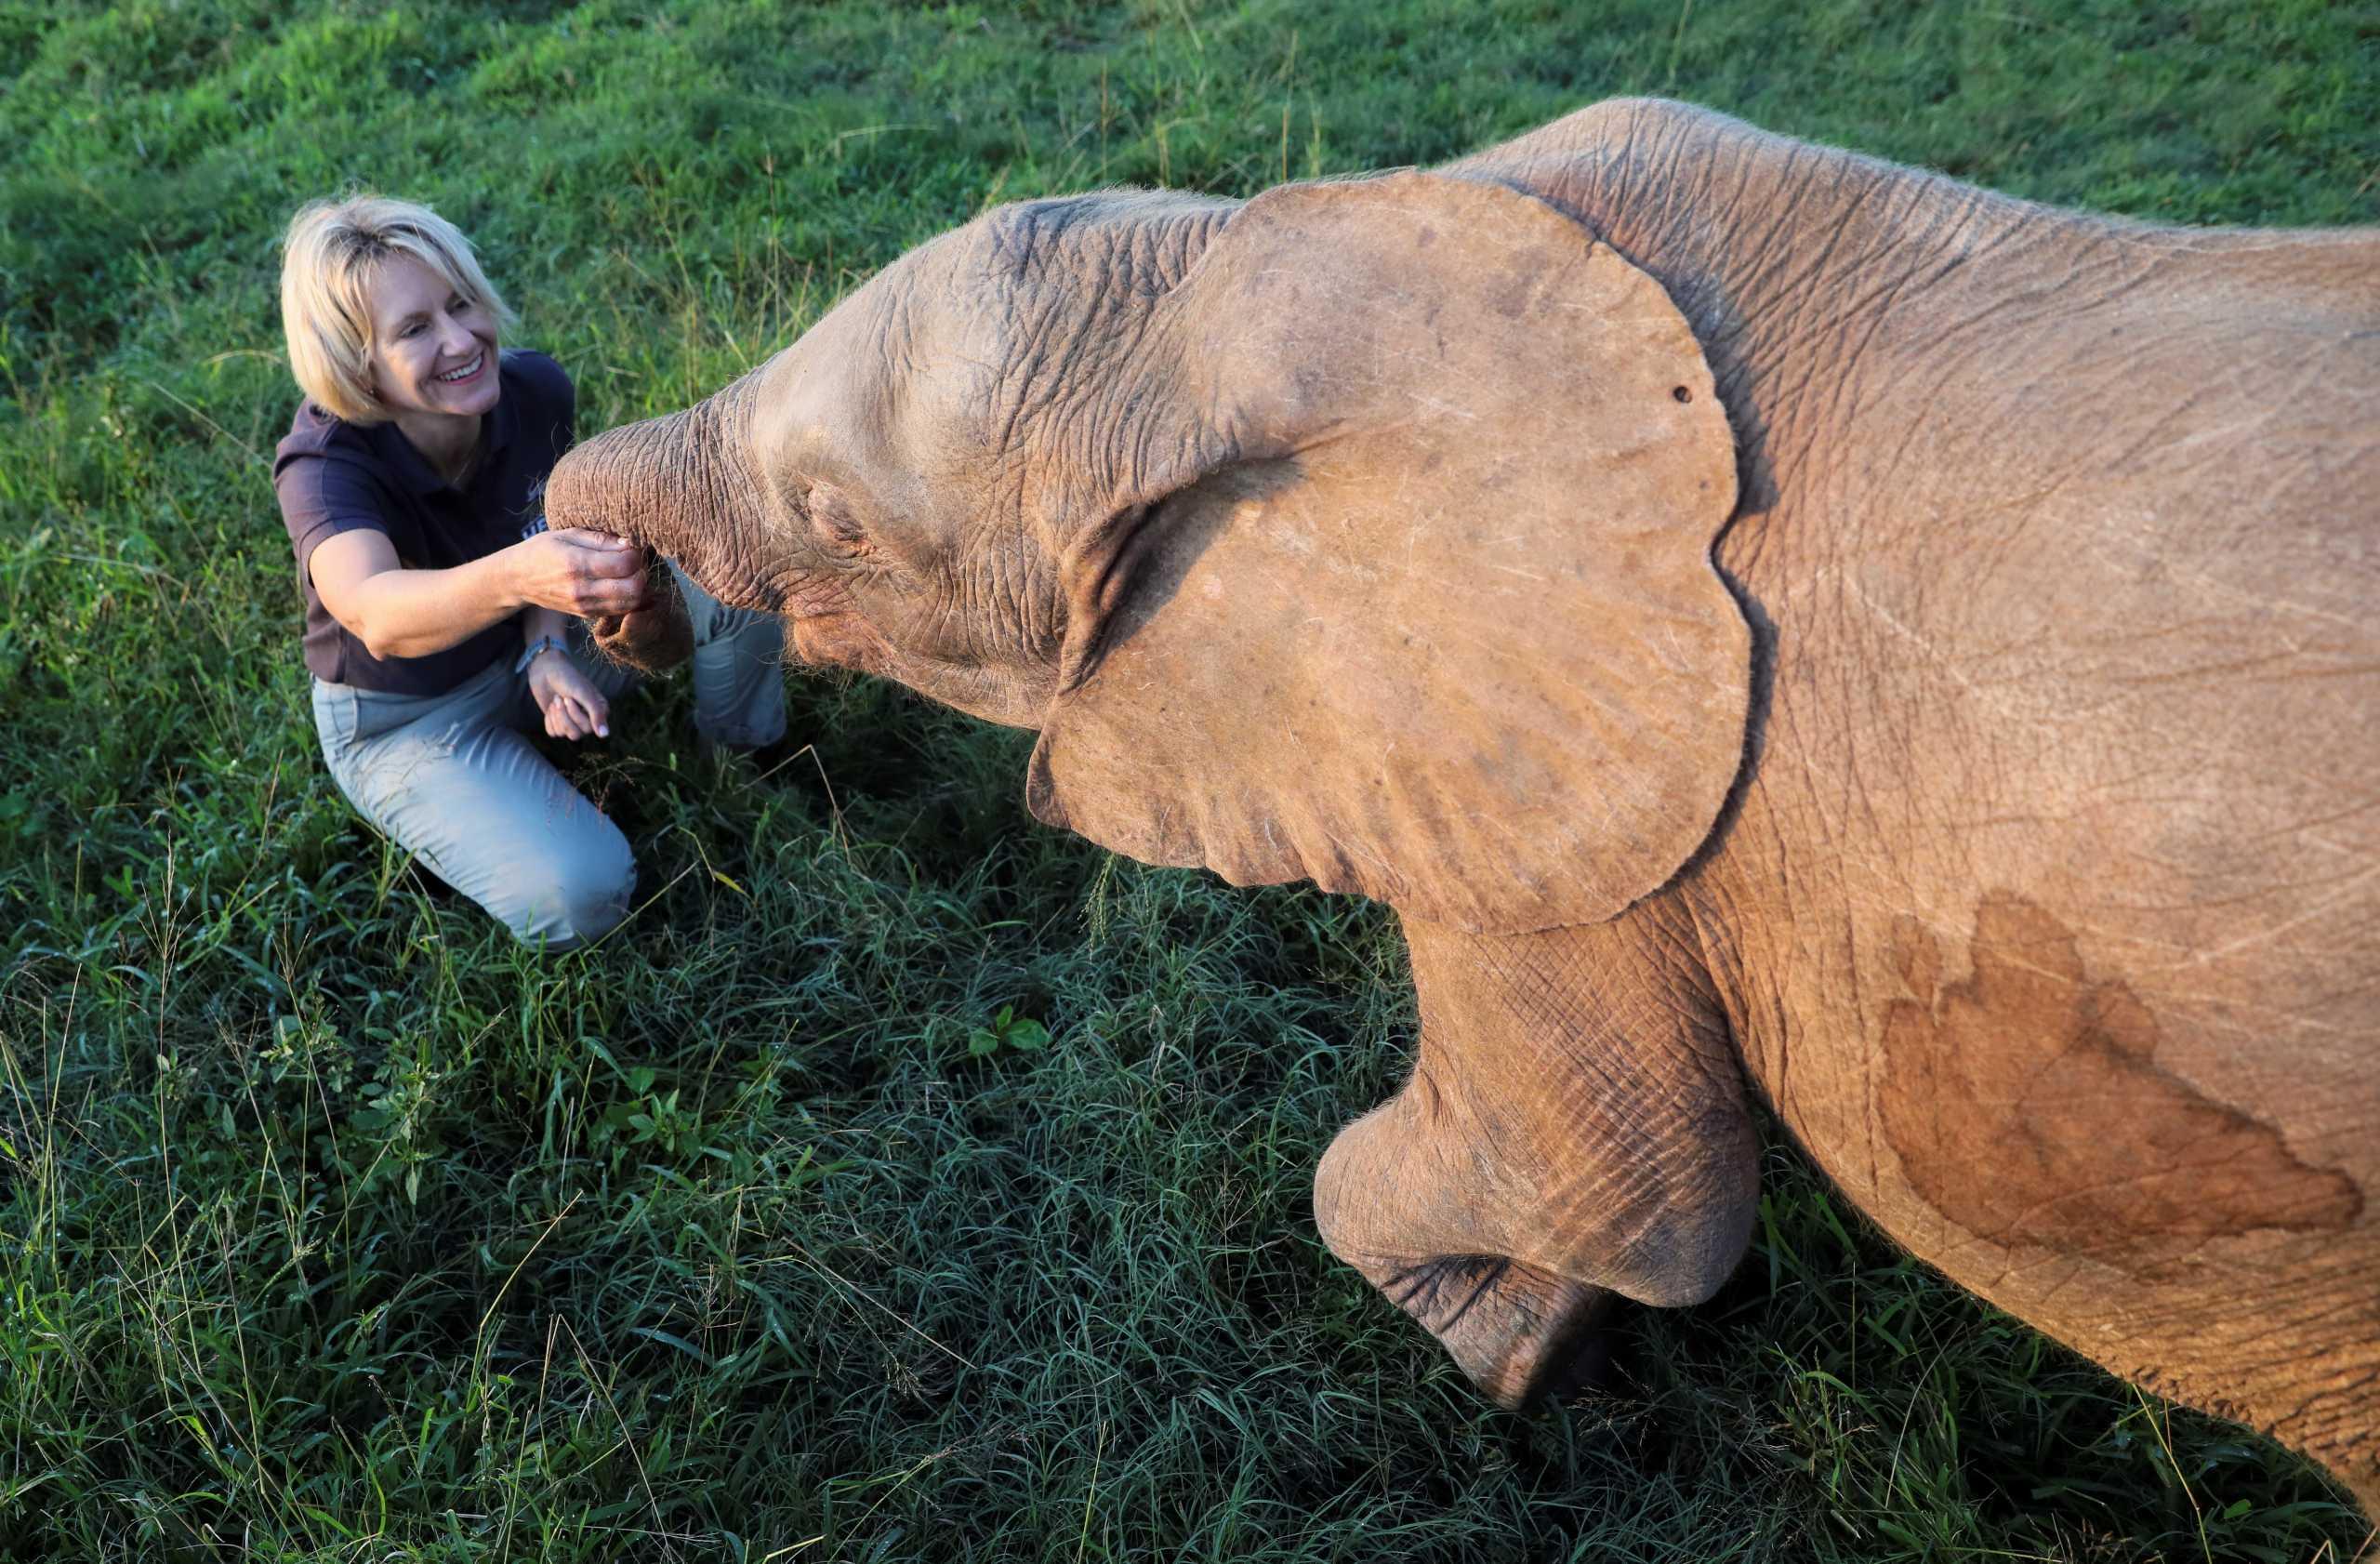 Νότια Αφρική: Αλμπίνα ελεφαντίνα επέζησε από την παγίδα των λαθροθηρών και μεγαλώνει σε καταφύγιο